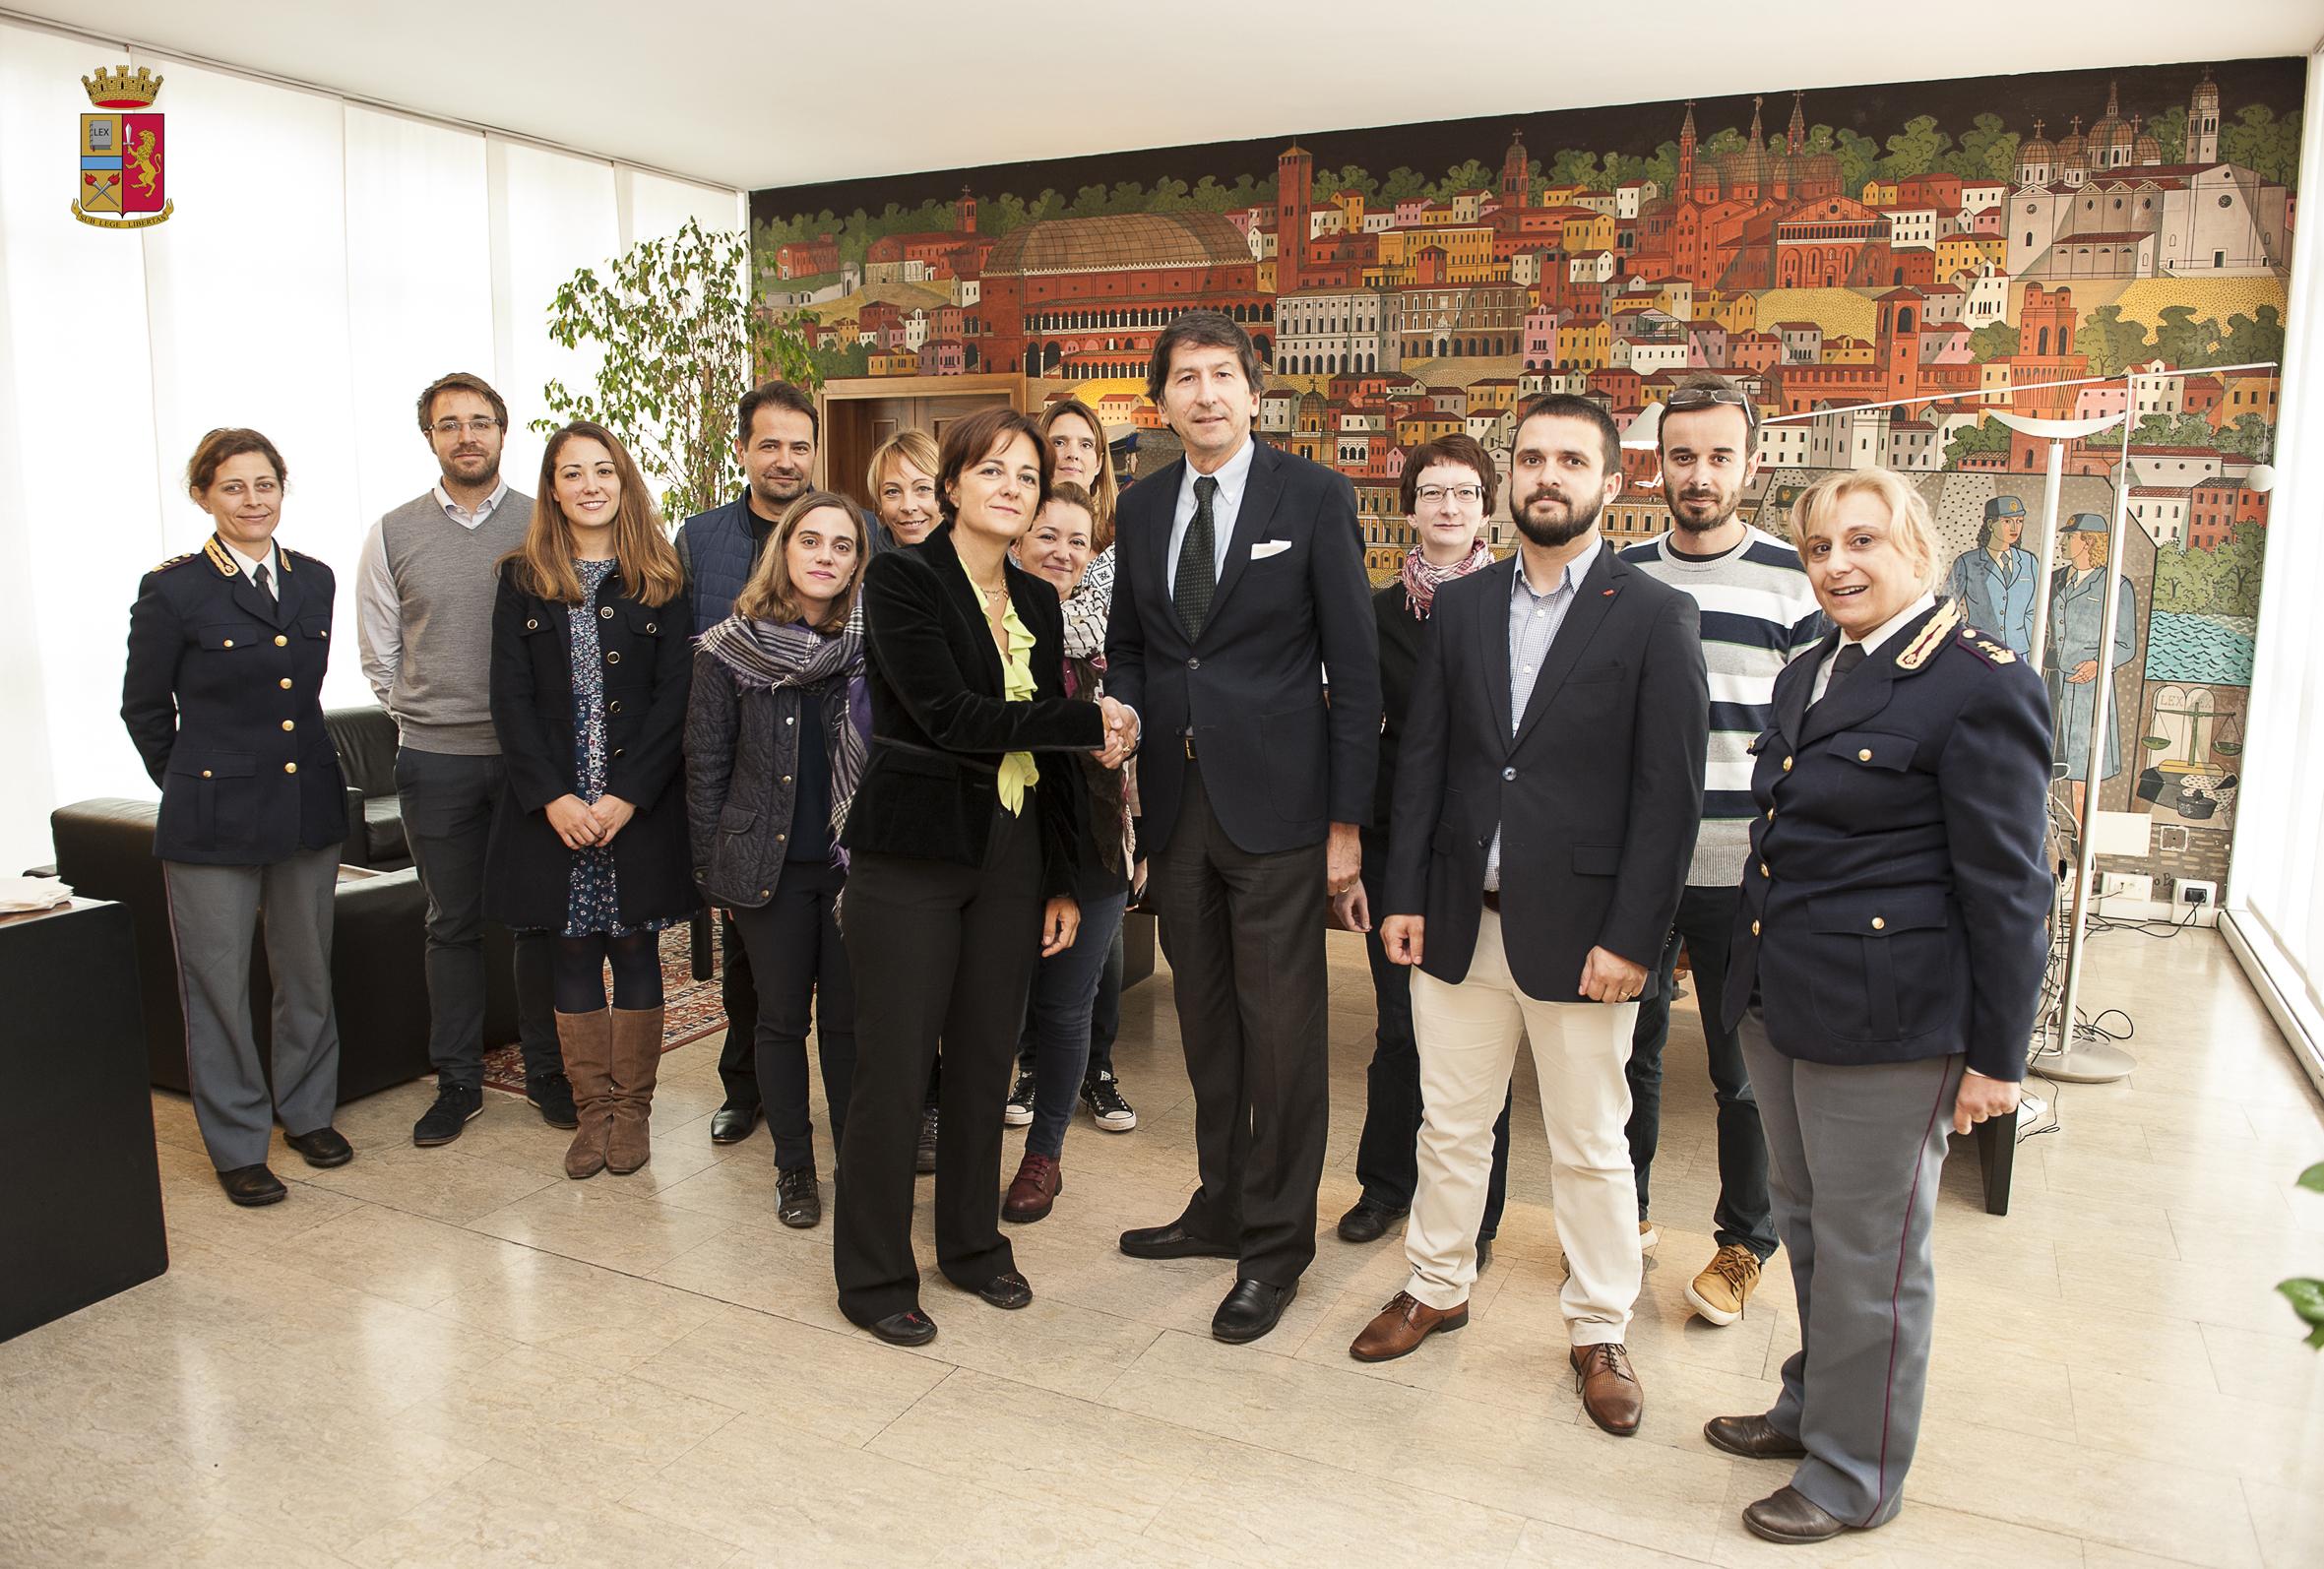 Delegazione di magistrati europei in visita alla Questura di Padova